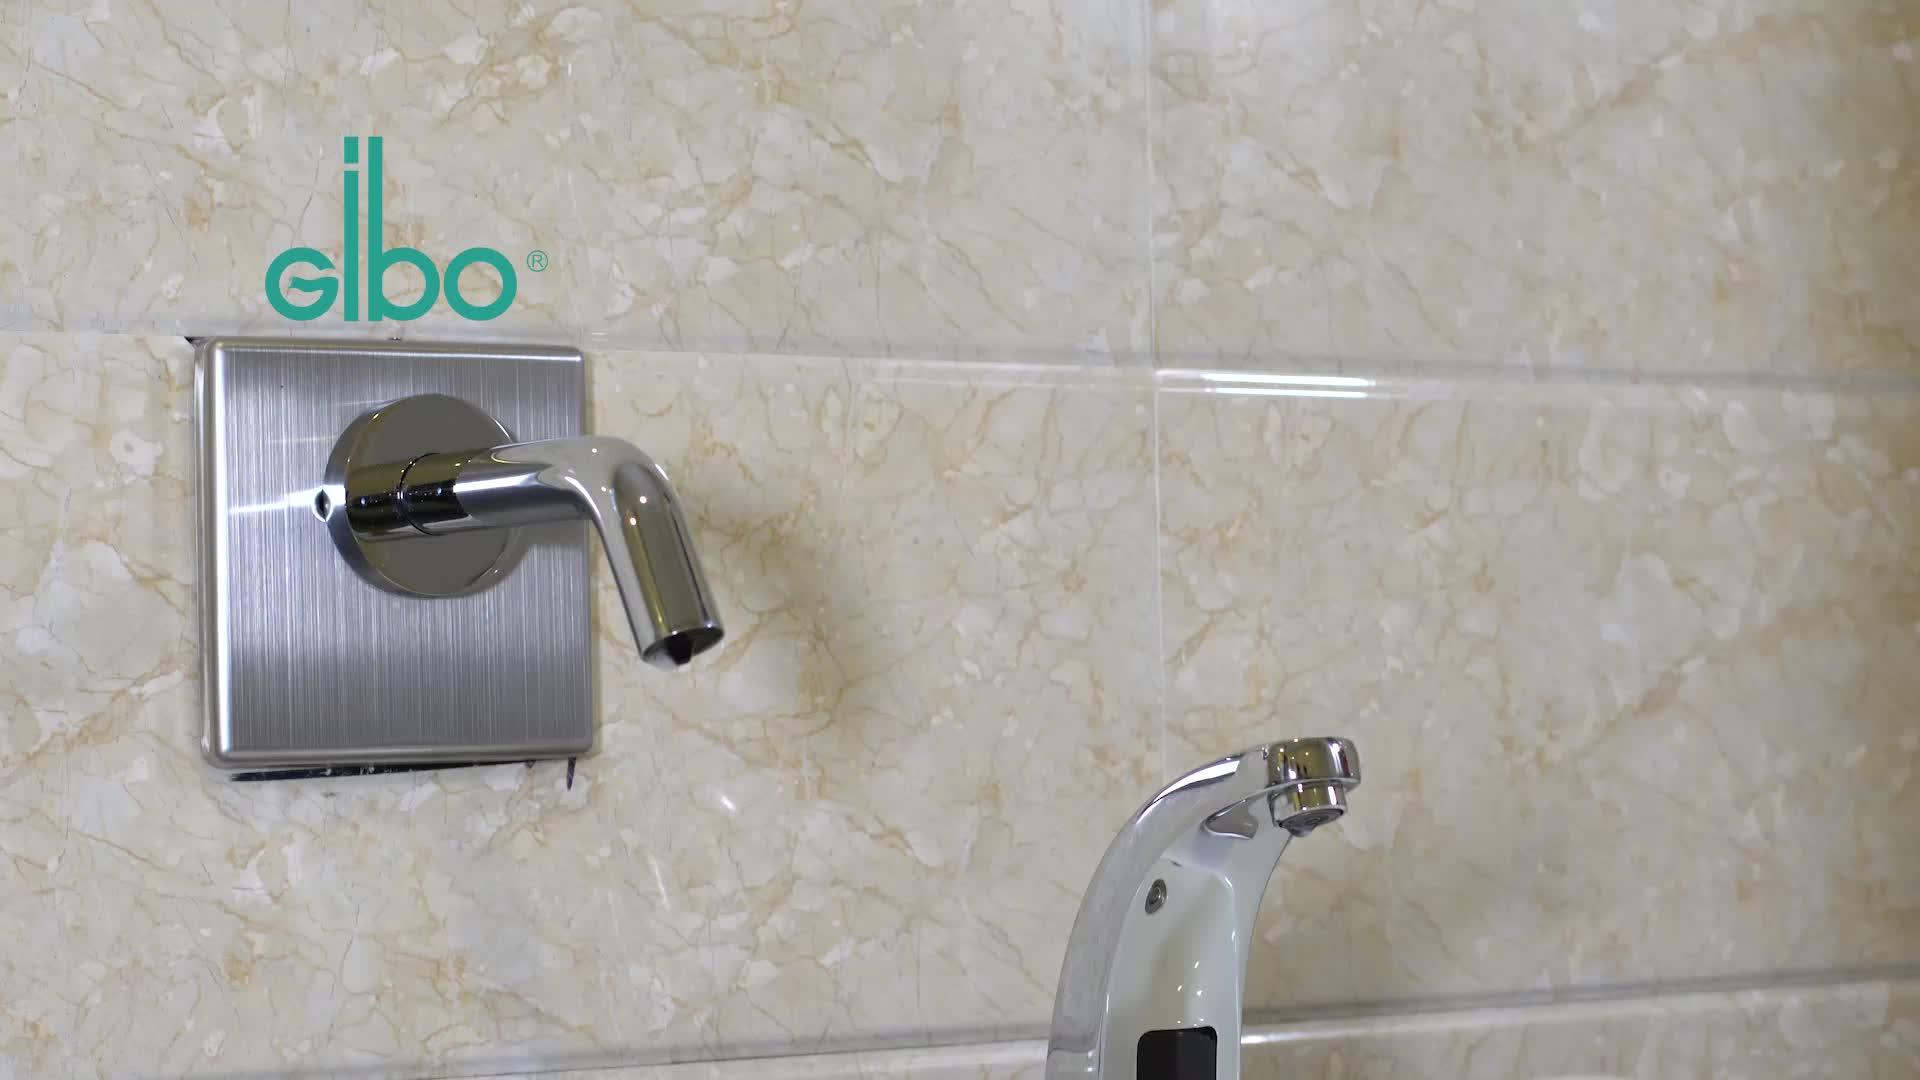 GIBO Del Sensore Rubinetto Del Bacino 1/2 Pollici Valvola Acqua A Solenoide